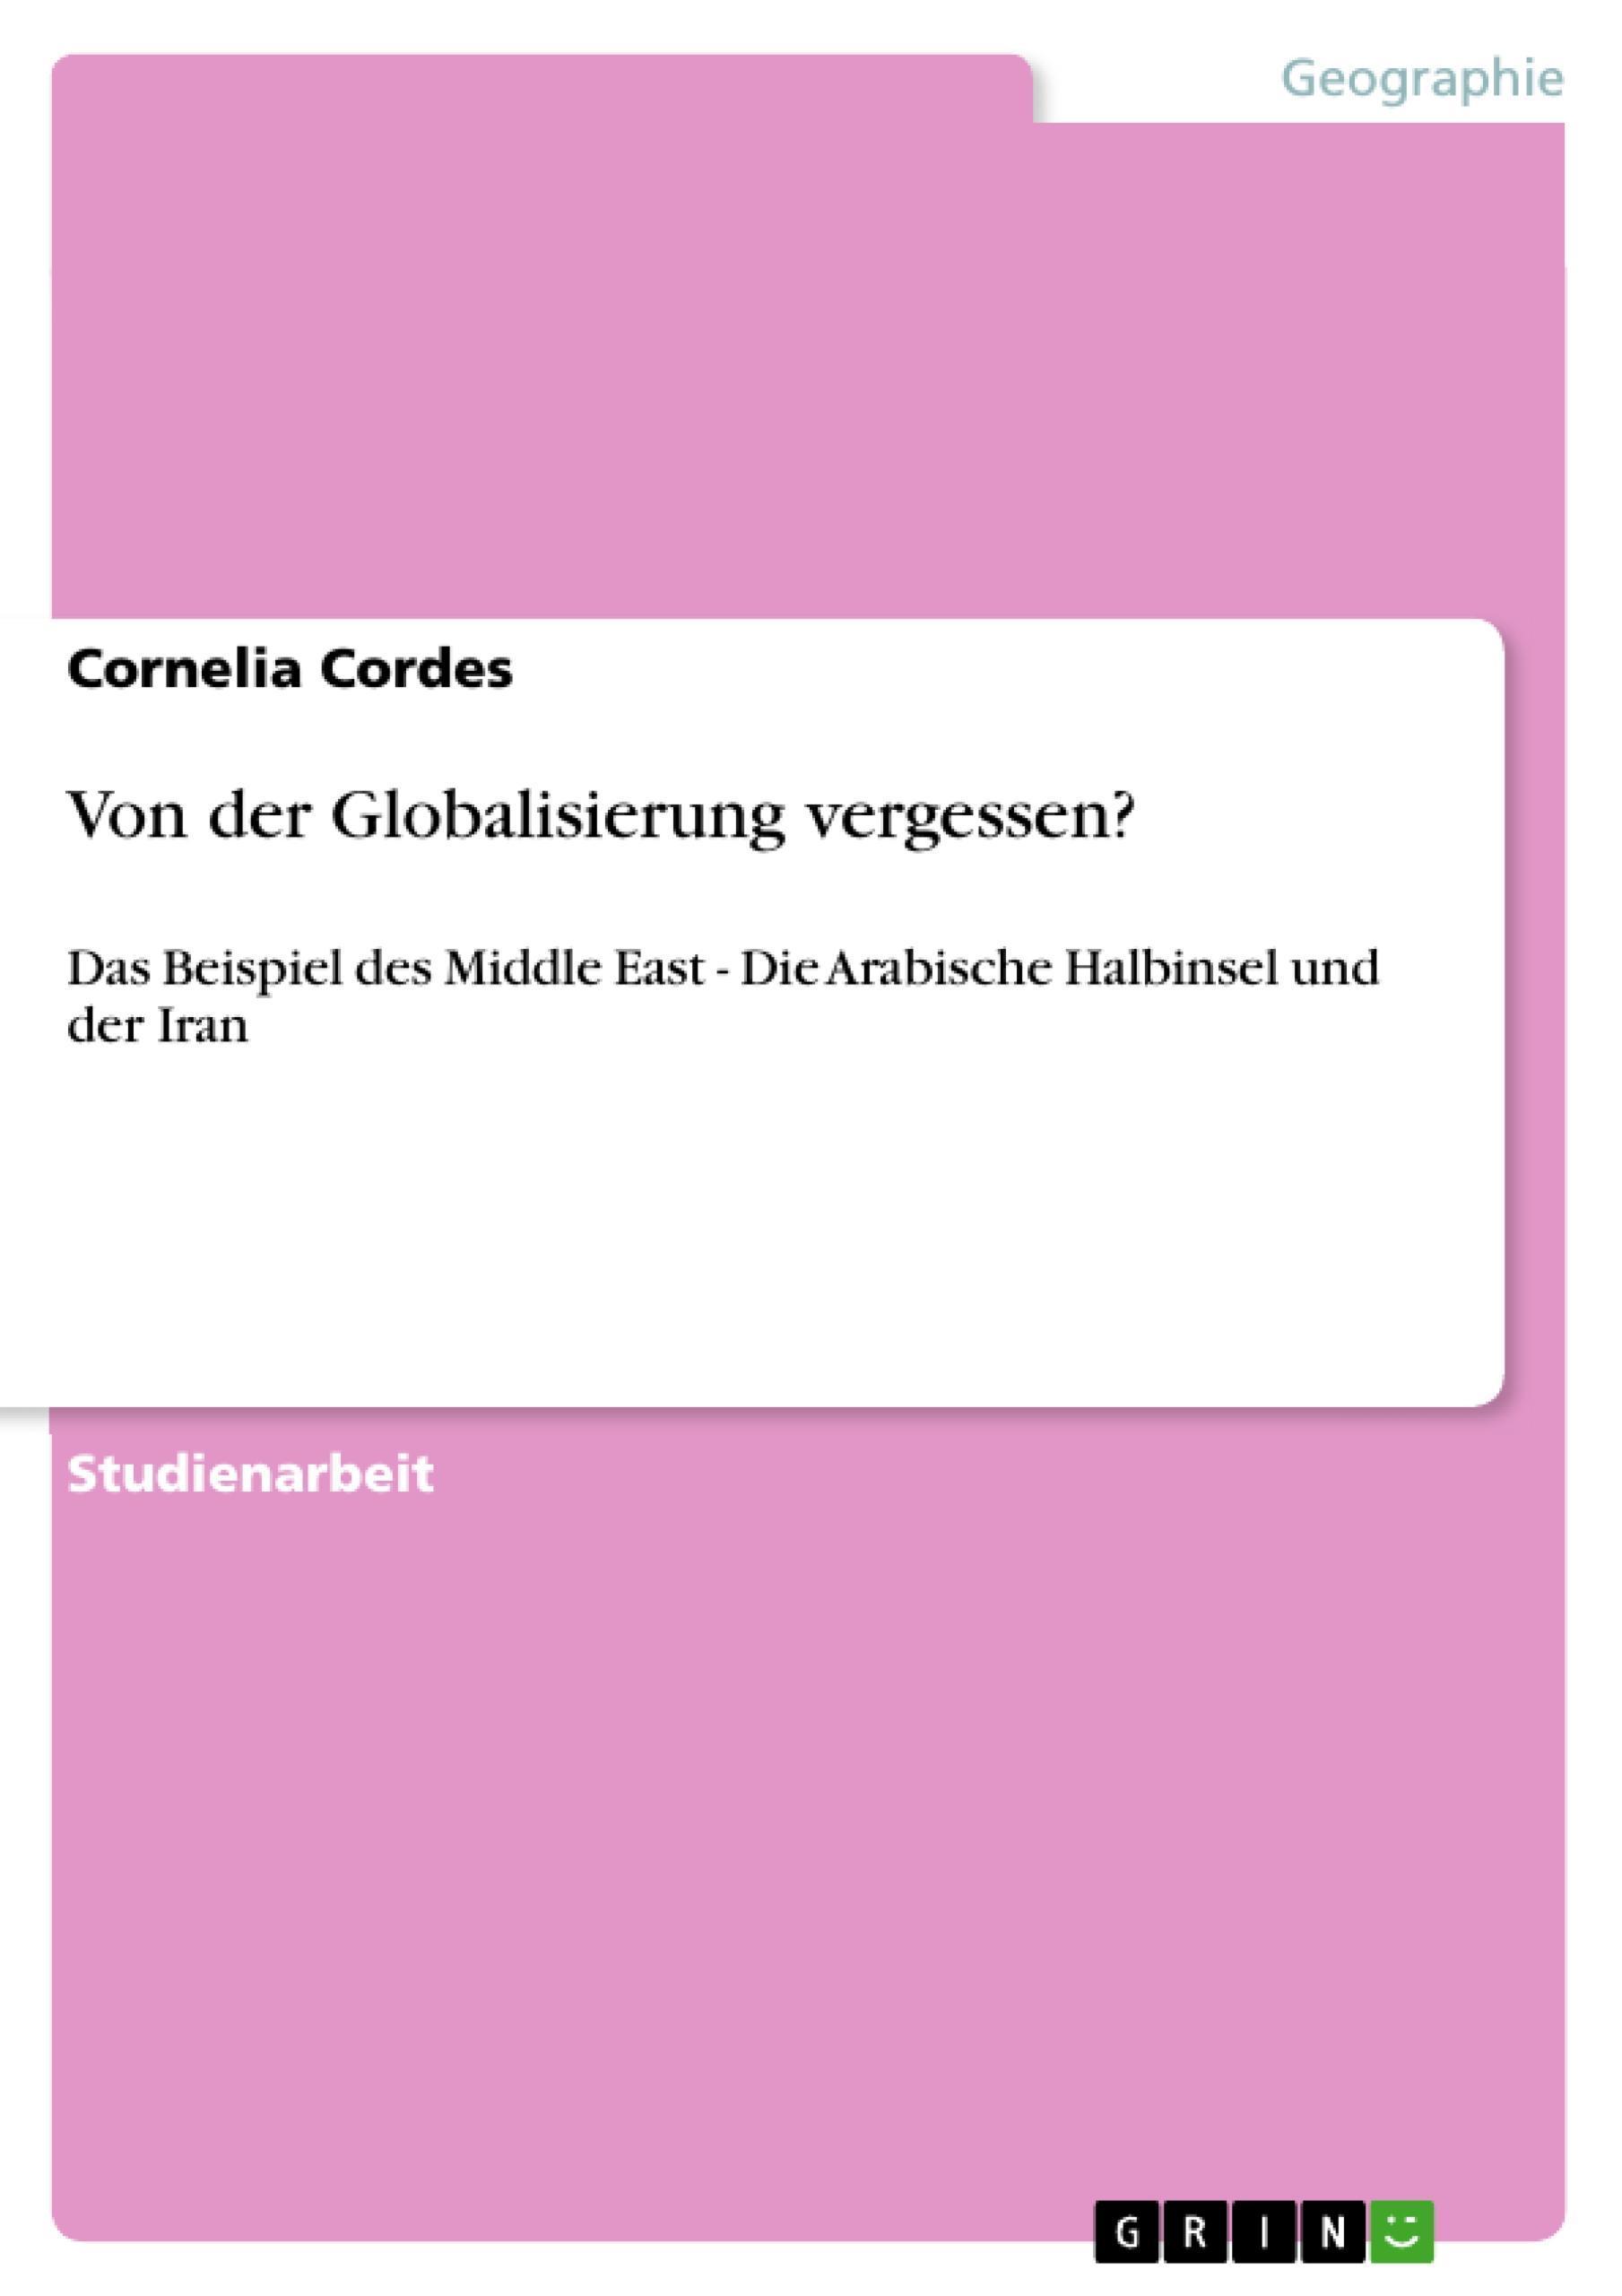 Von der Globalisierung vergessen? Cornelia Cordes